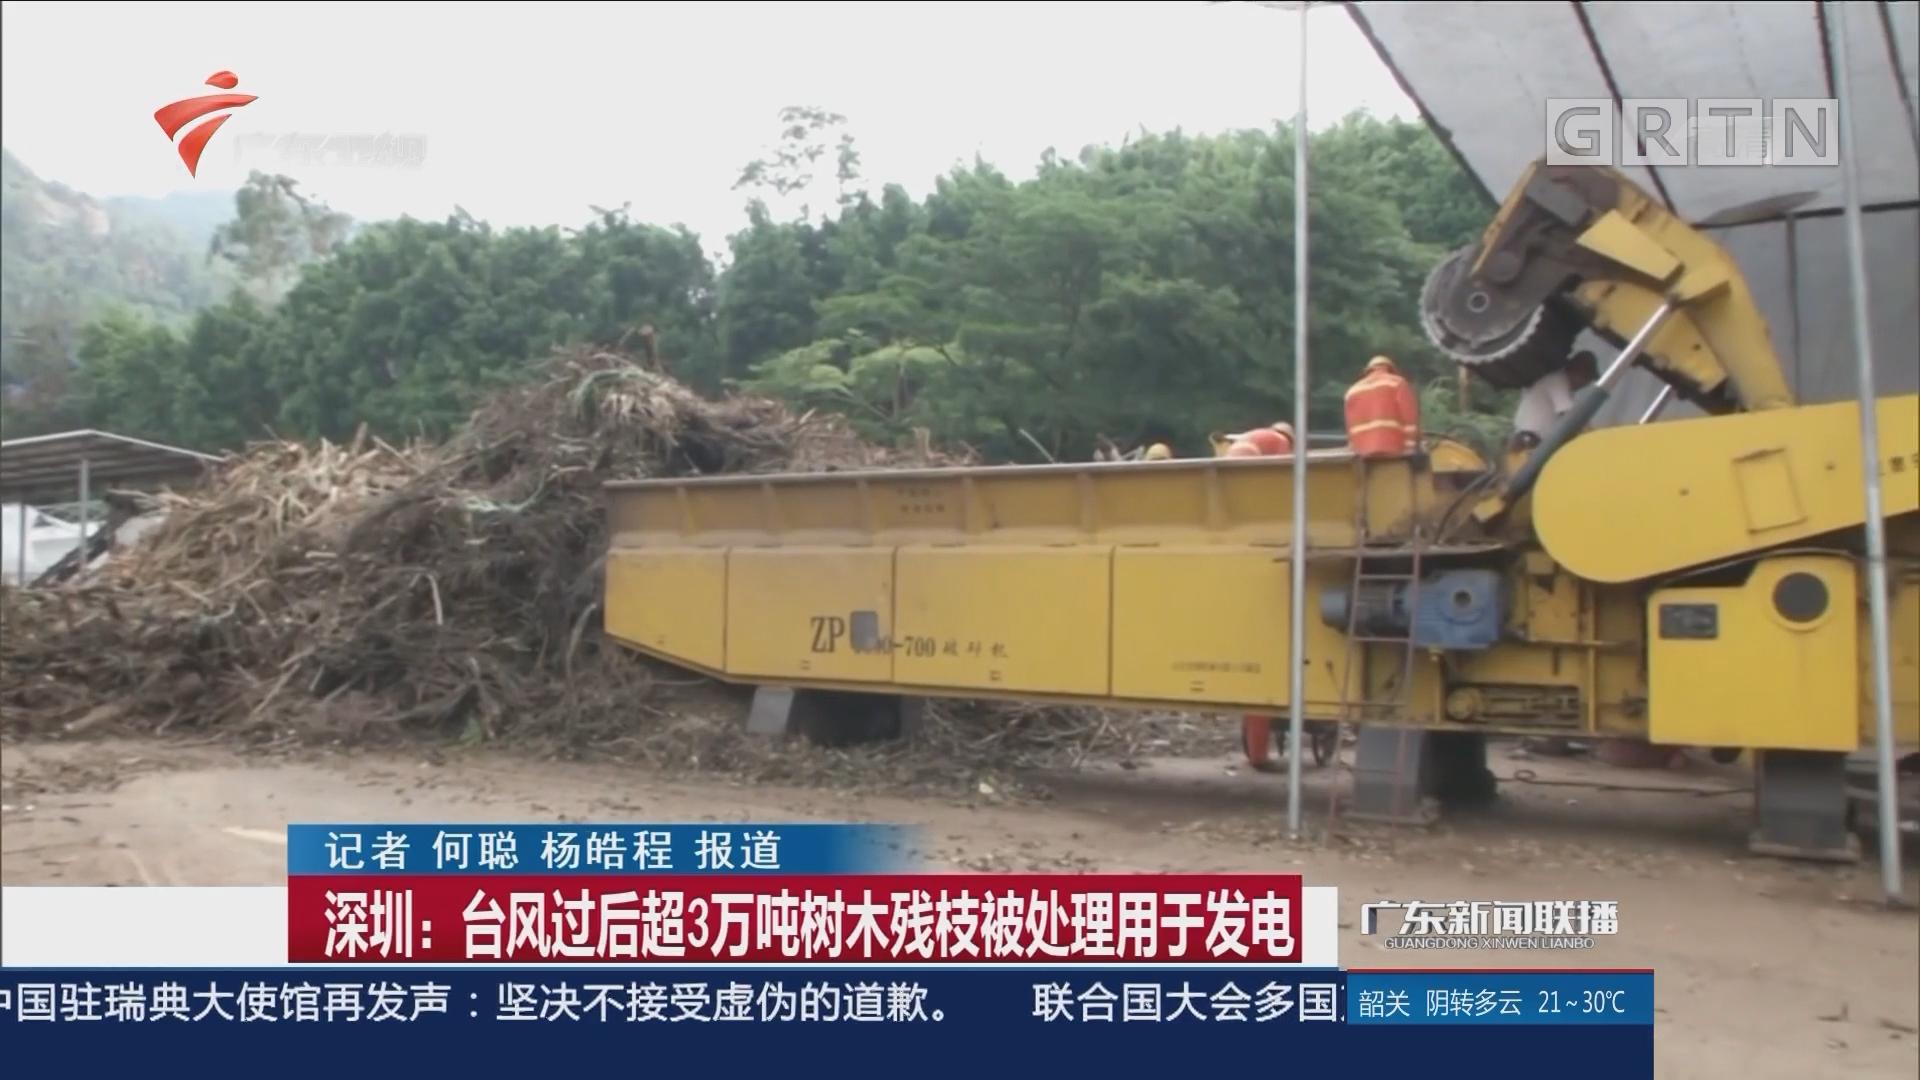 深圳:台风过后超3万吨树木残枝被处理用于发电